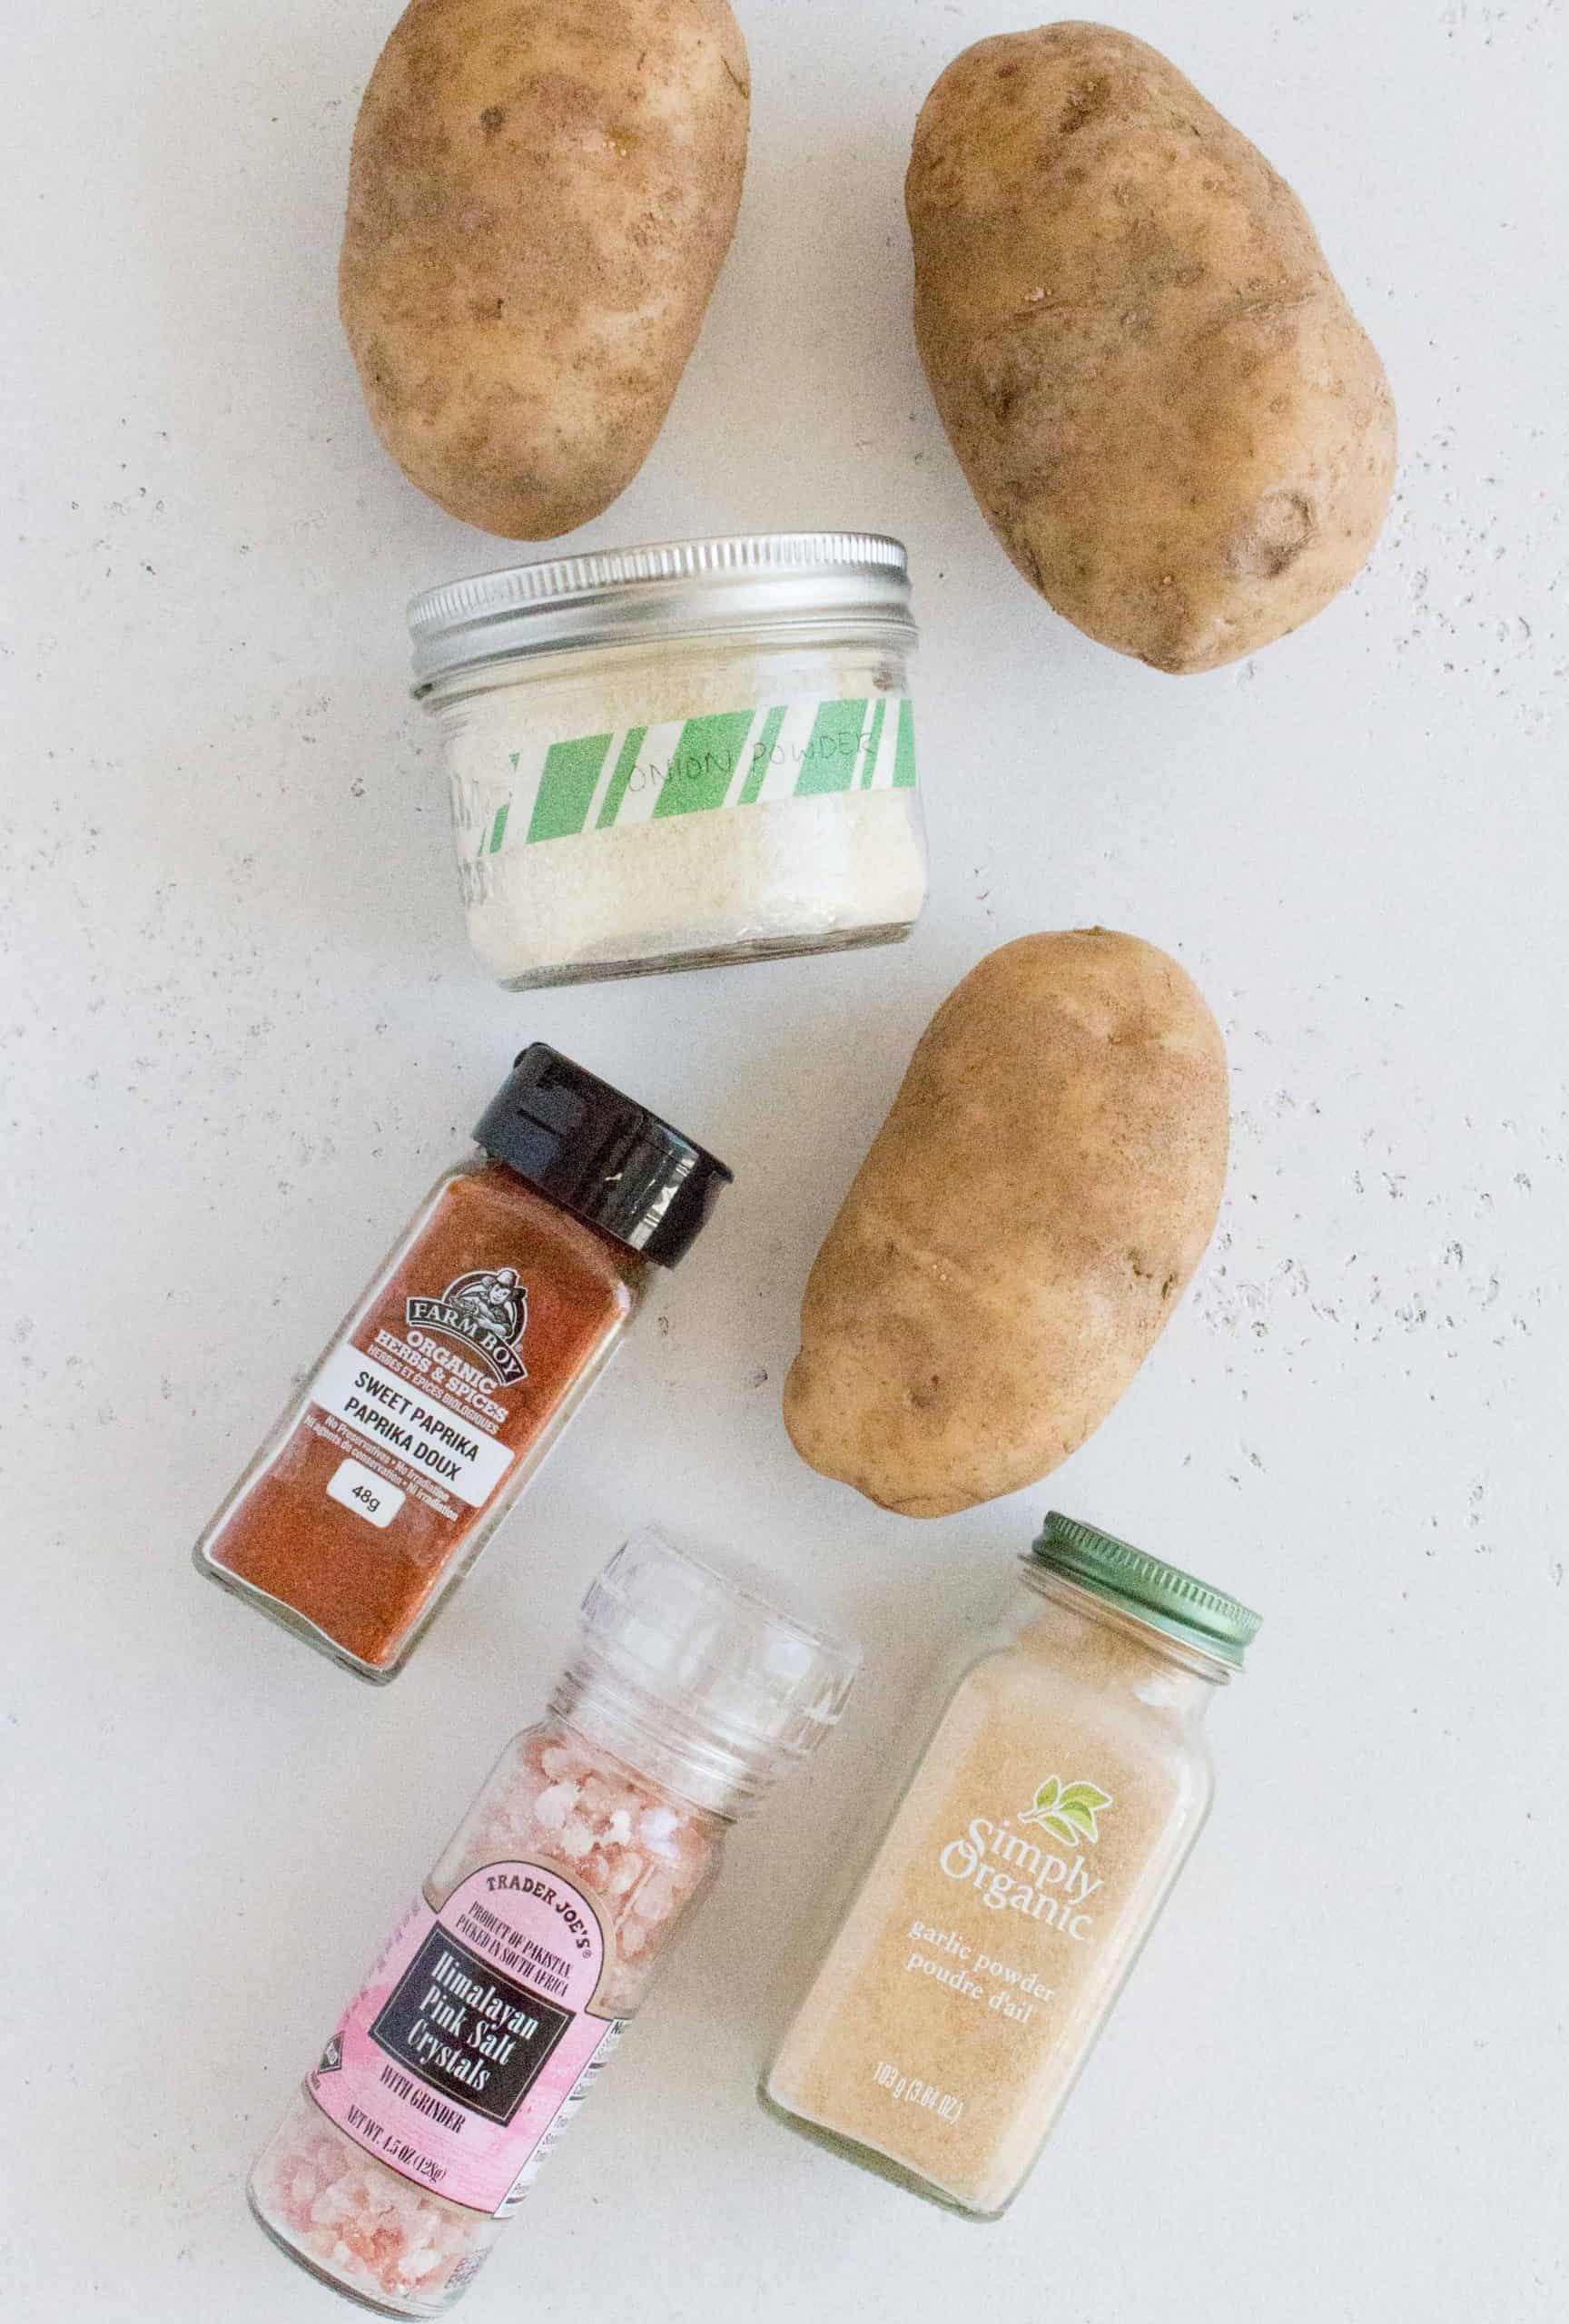 flatlay of ingredients to make breakfast potatoes in the air fryer